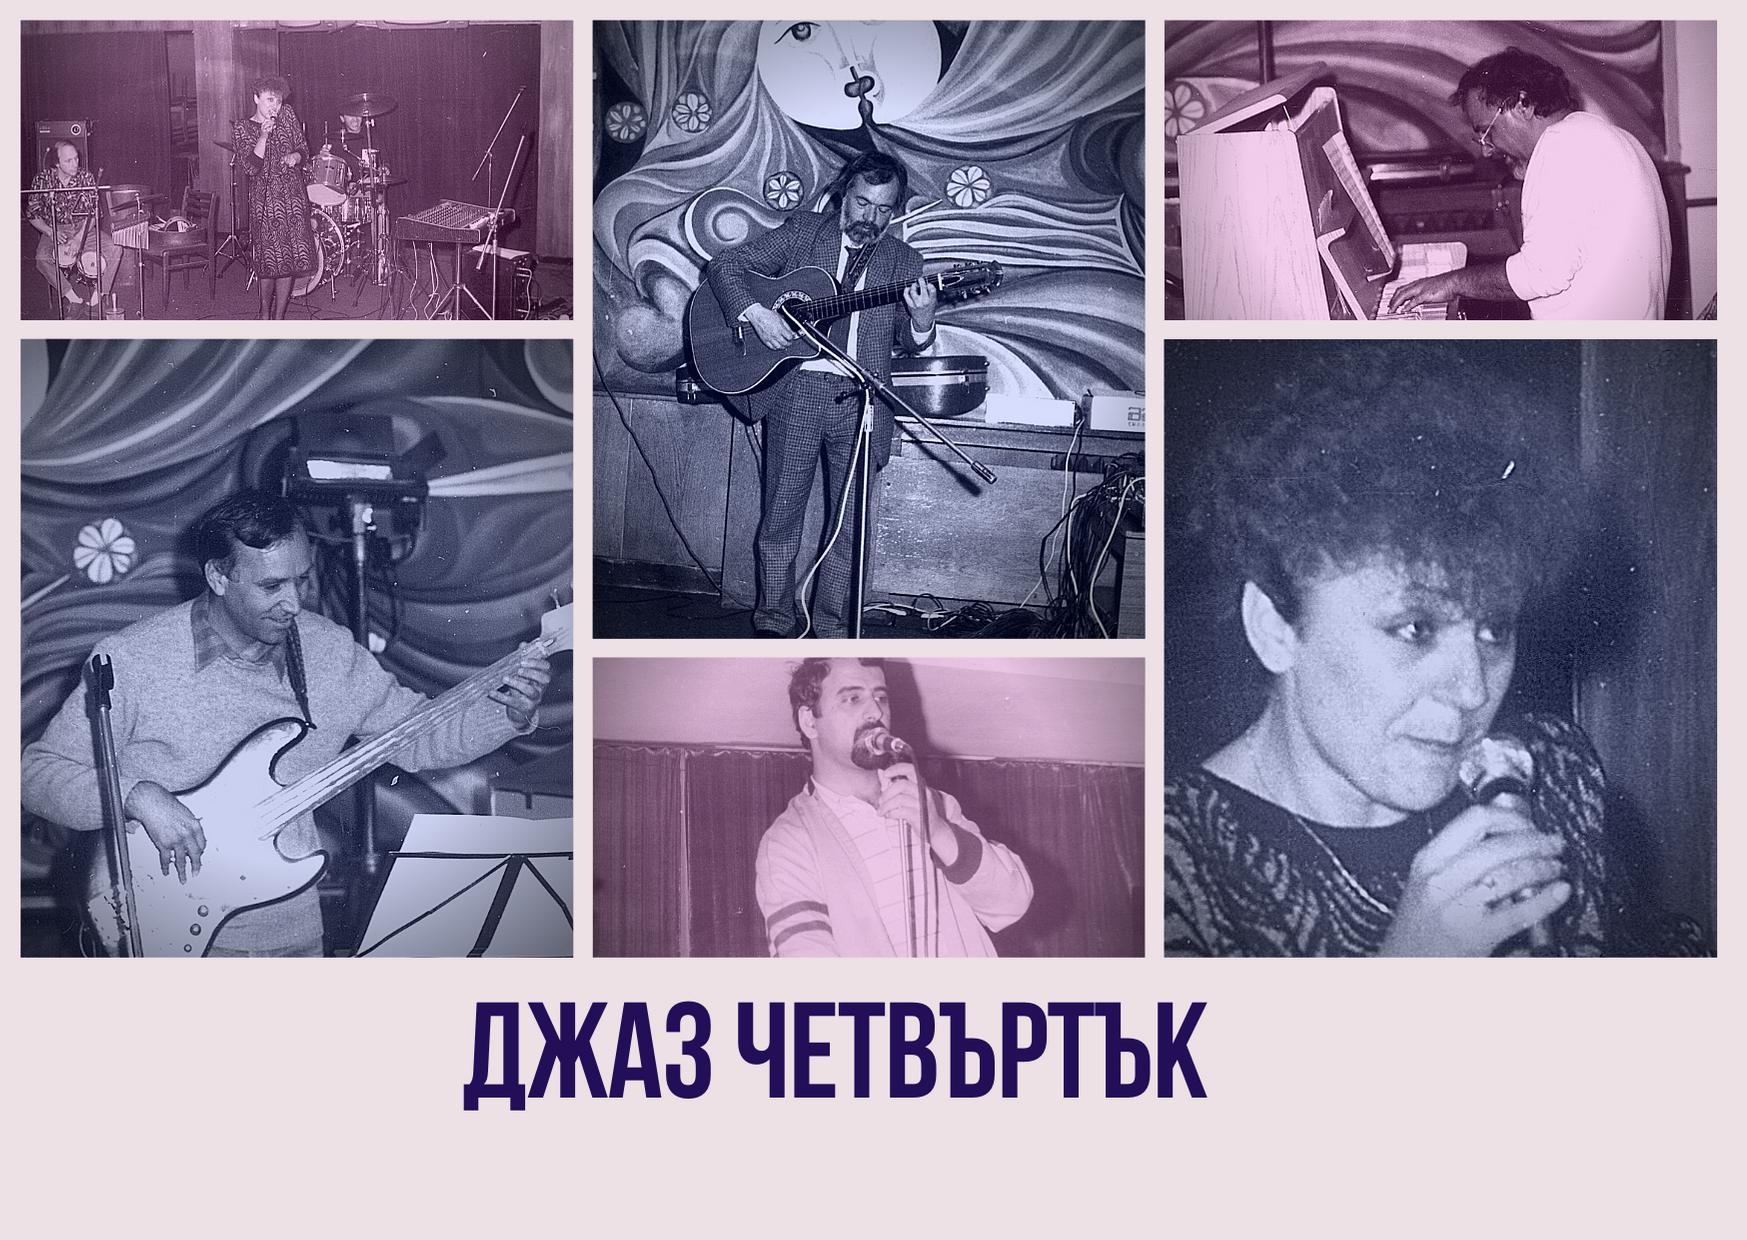 Джаз четвъртъци или как джазът се завърна в Младежки дом Пазарджик